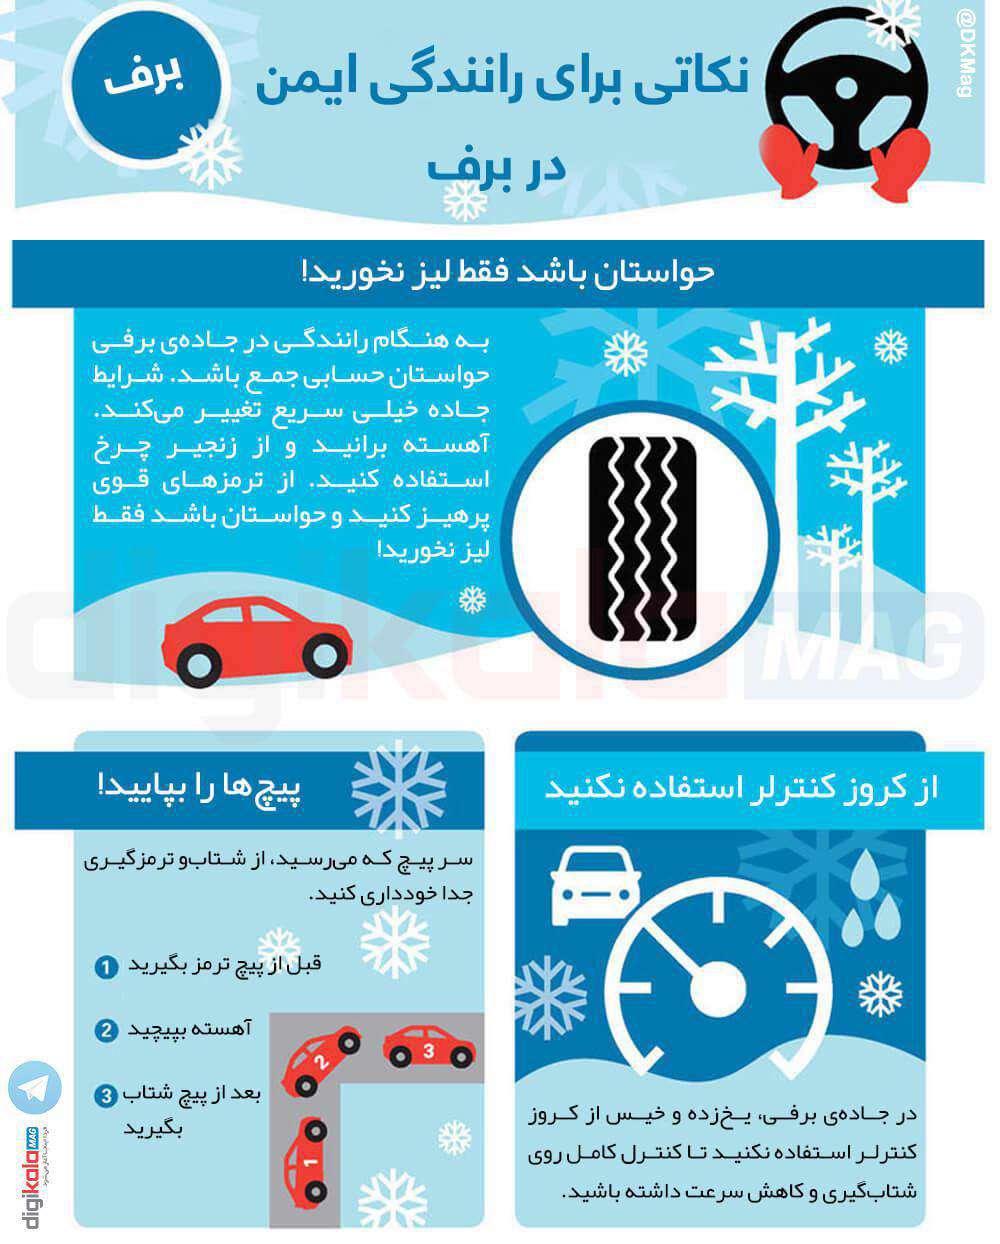 نکاتی برای رانندگی ایمن در برف